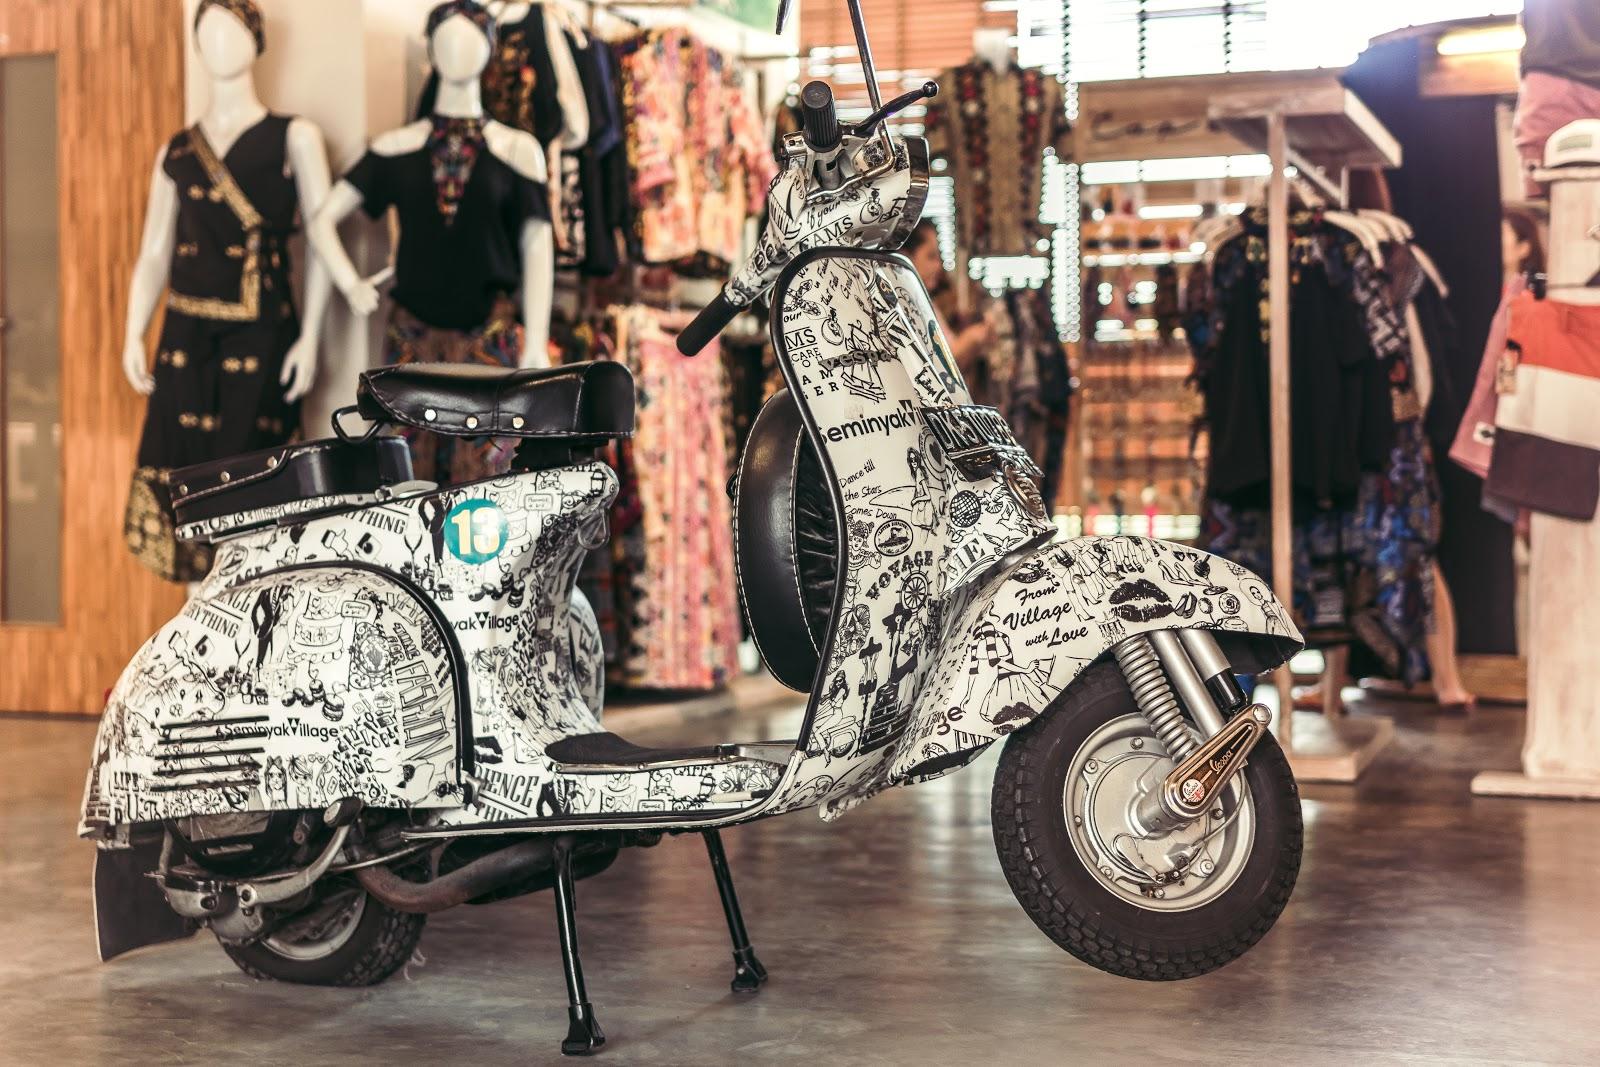 קטנוע בחלון ראווה בשוק יפו